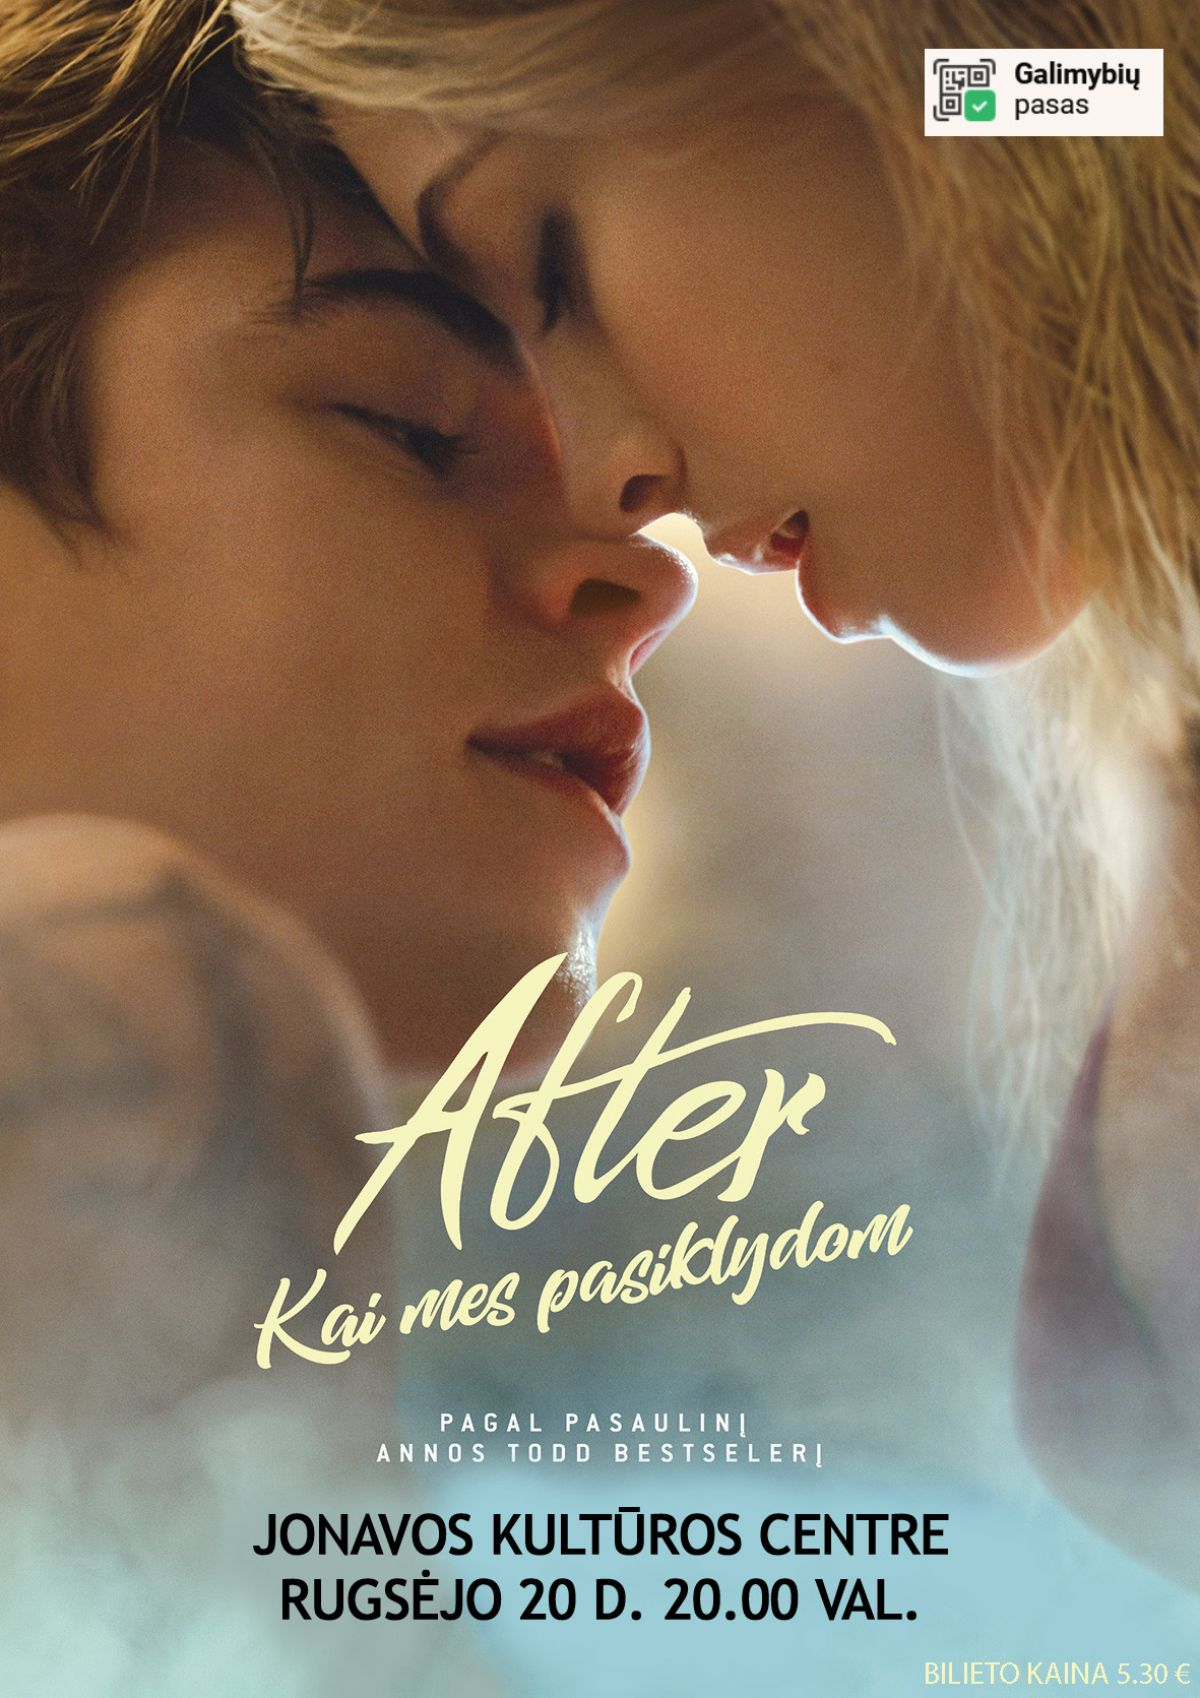 """Kino filmas """"After. Kai mes pasiklydom"""""""